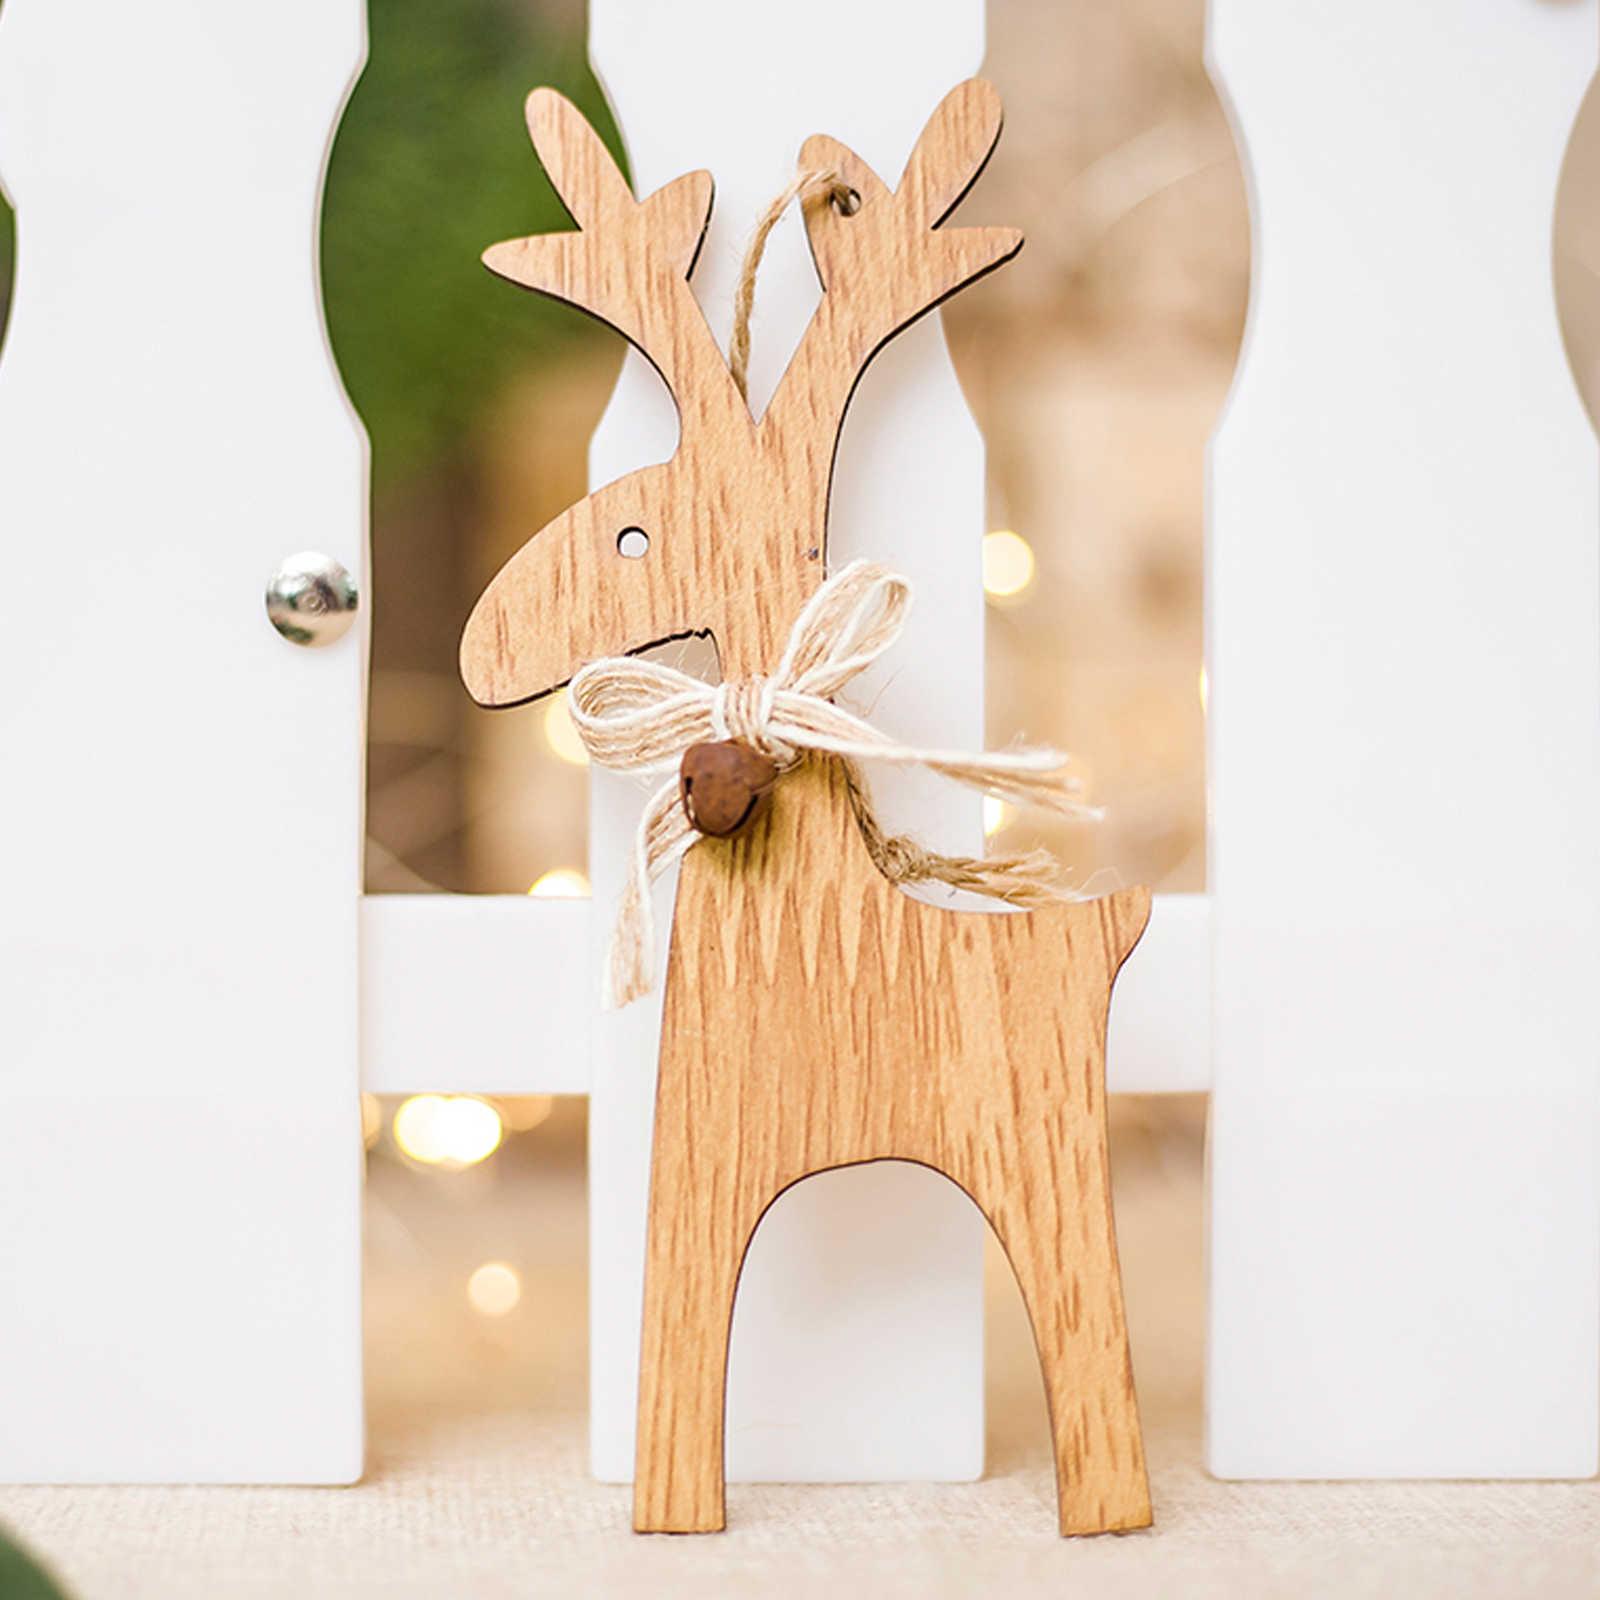 عيد الميلاد الانحناء الأيائل أجراس تزيين مُثبت عيد الميلاد الحرف الخشبية السنة الجديدة هدية عيد الميلاد شجرة زينة للمنزل حزب التموين